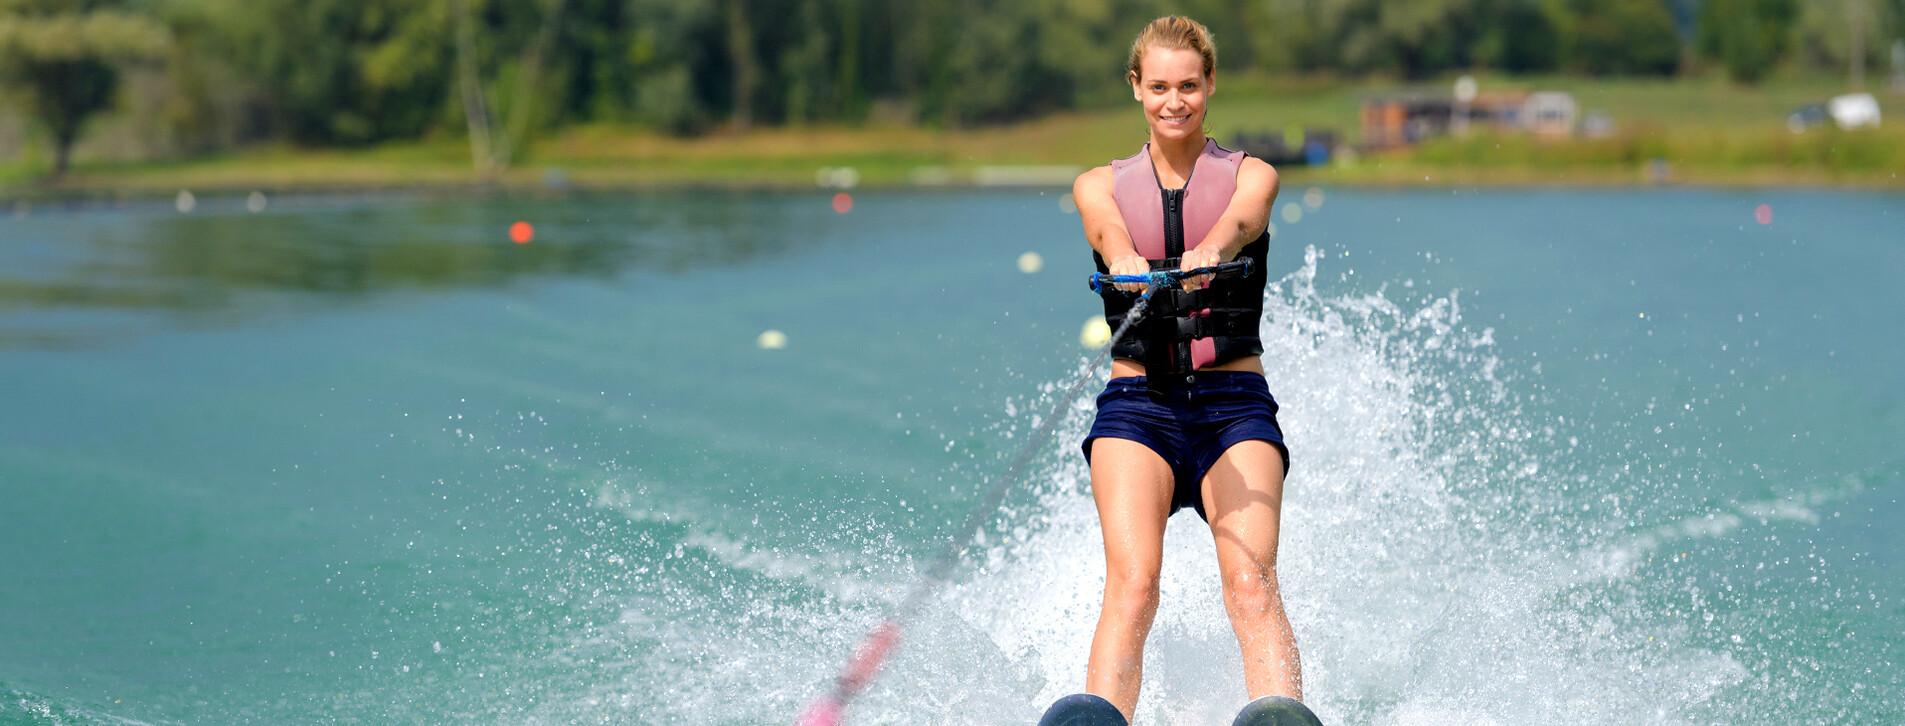 Фото 1 - Катание на водных лыжах для компании